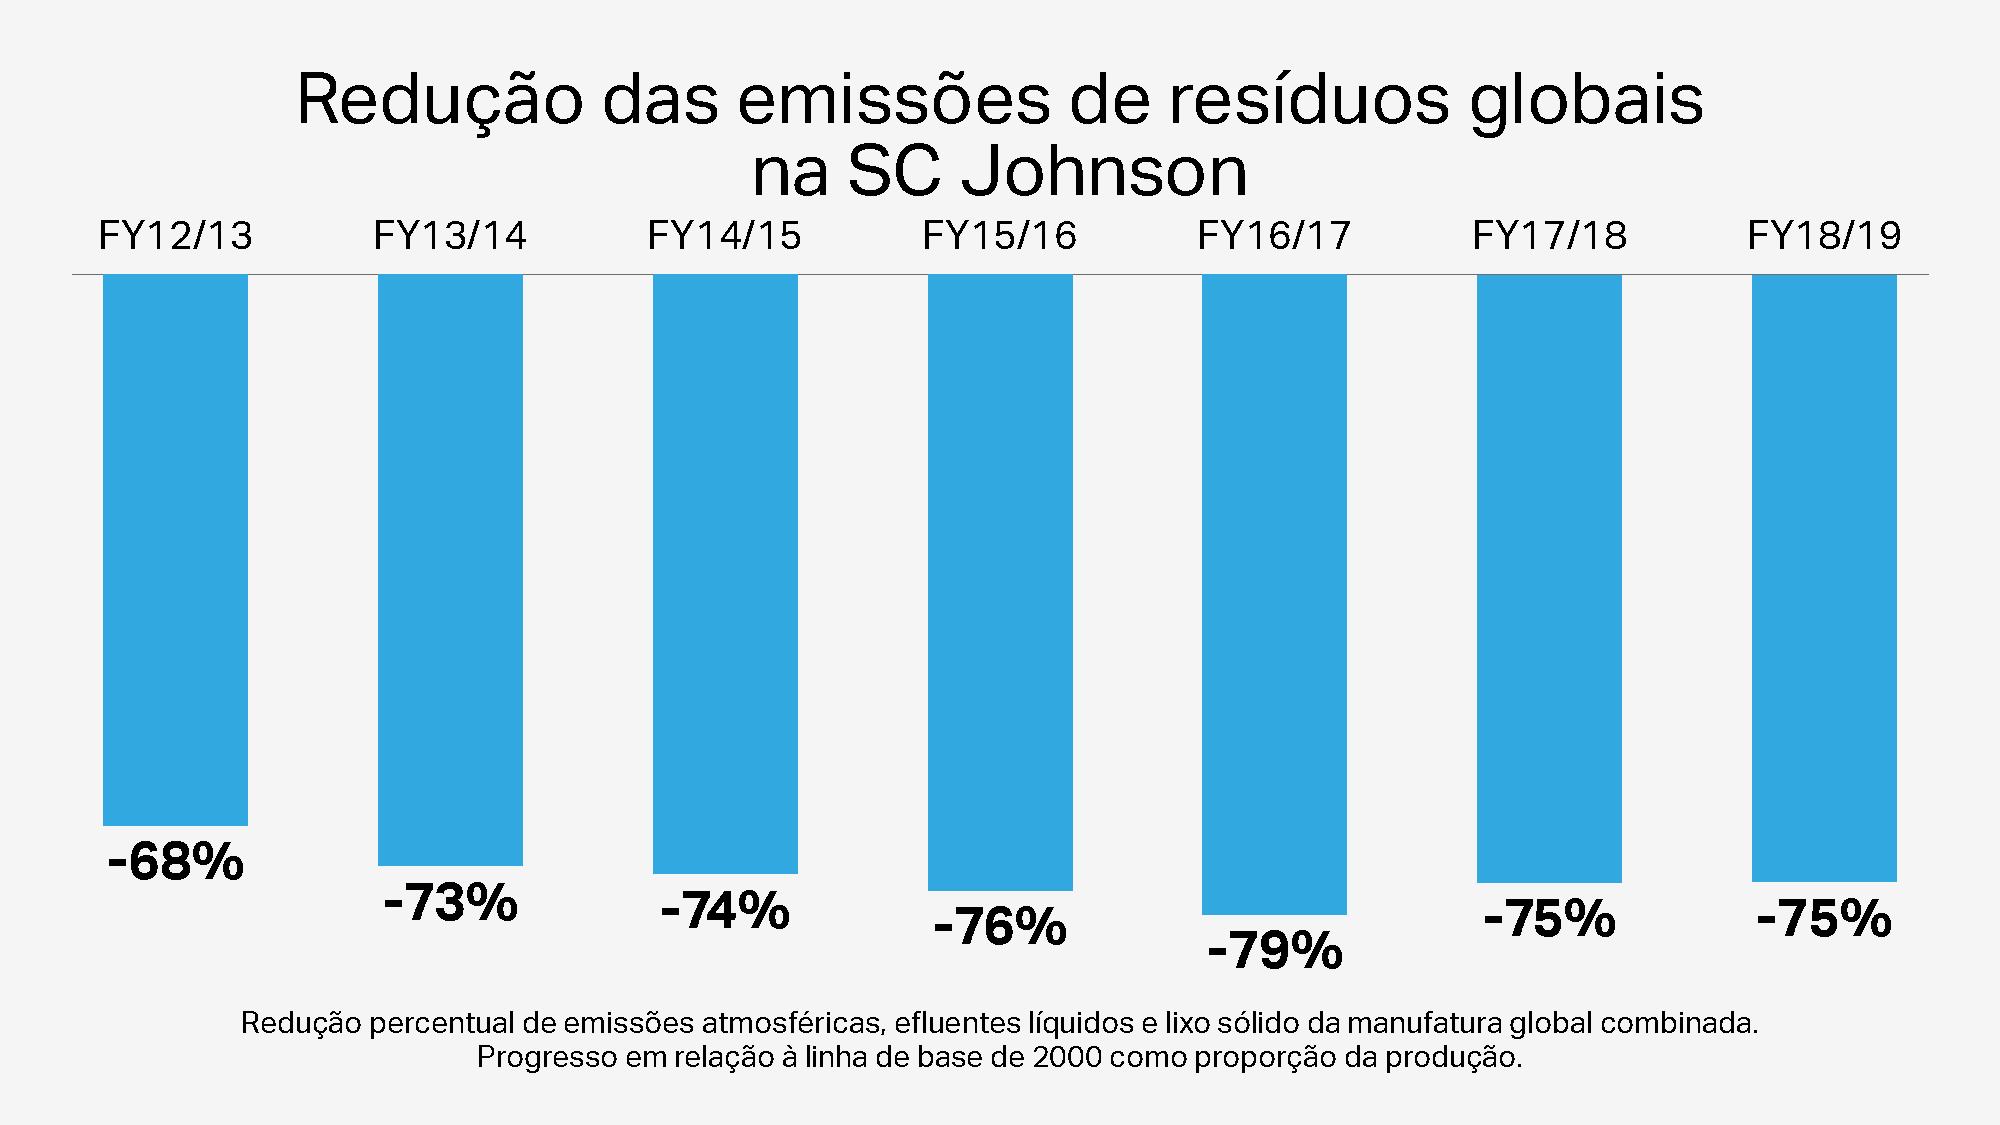 Redução das emissões de resíduos globais na SCJohnson